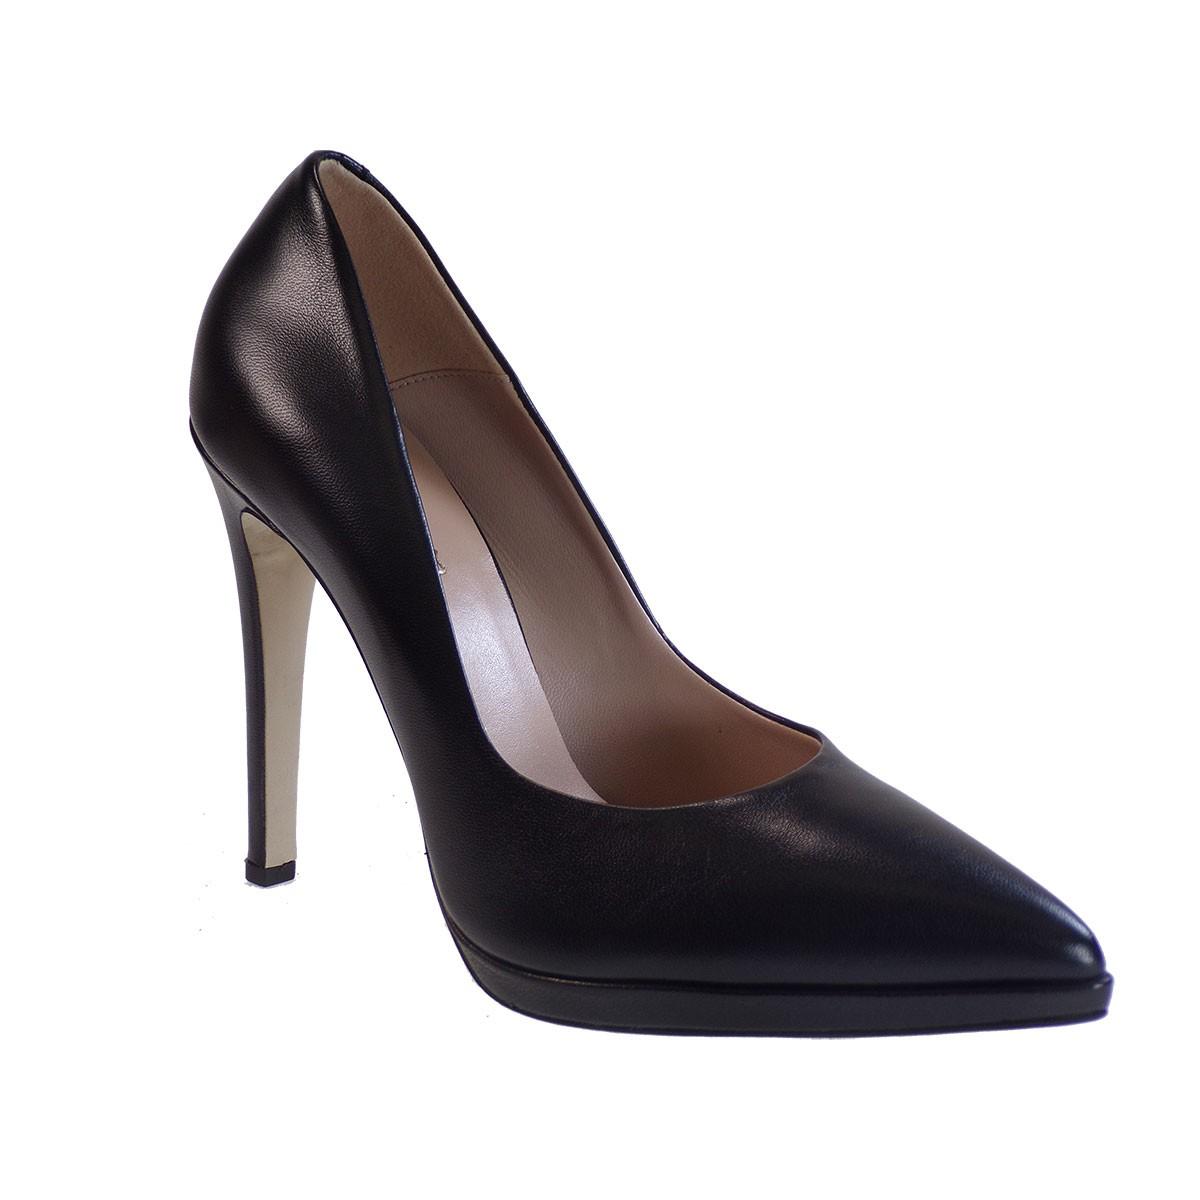 Fardoulis Shoes Γυναικεία Παπούτσια Γόβες 2601 Μαύρο Δέρμα